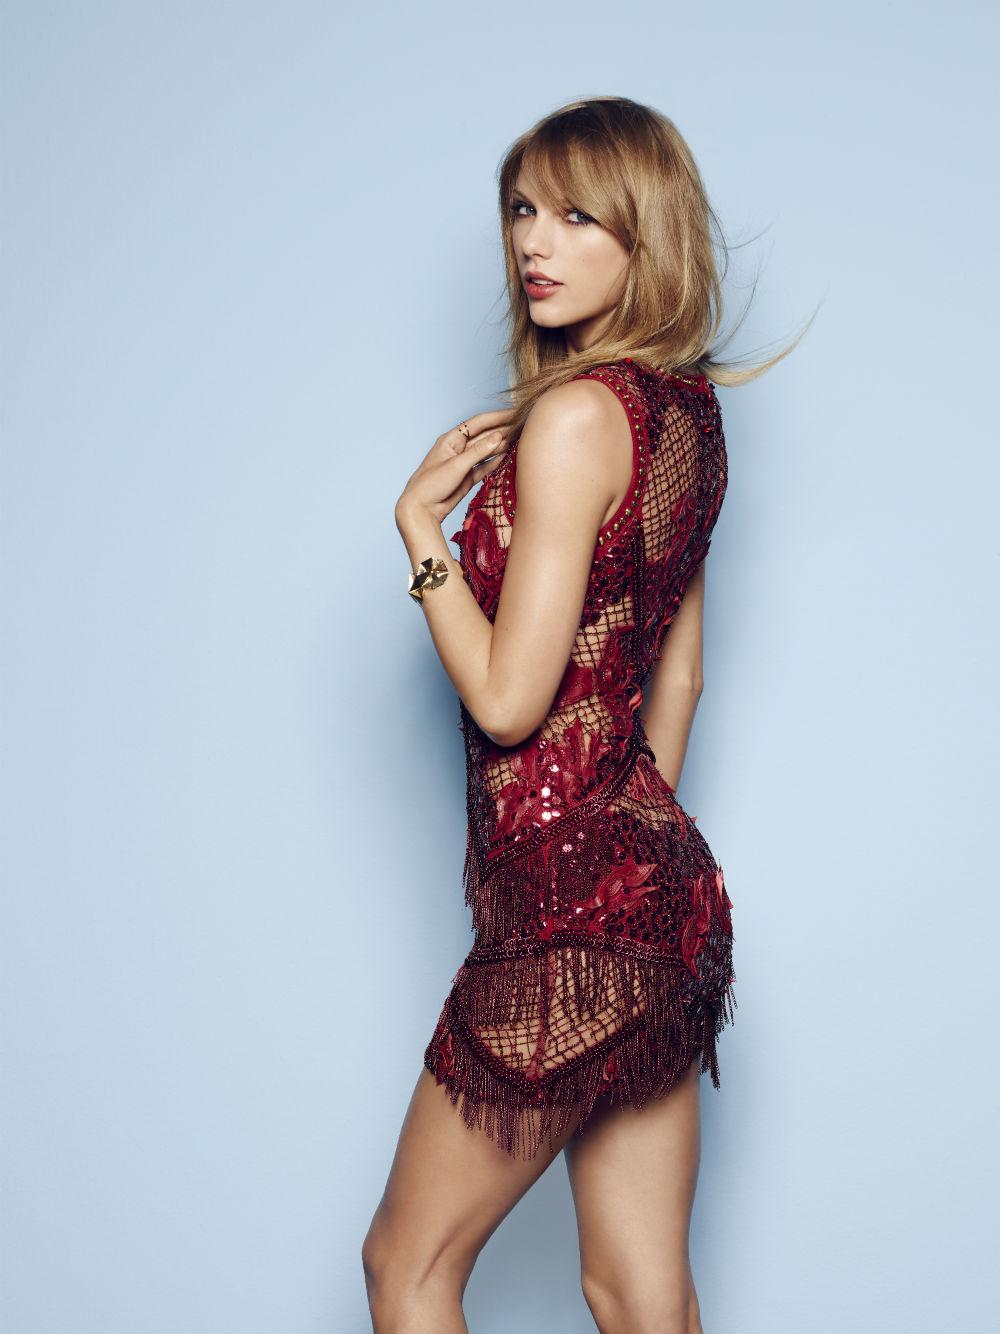 Cosmopolitan UK Photoshoot 2014